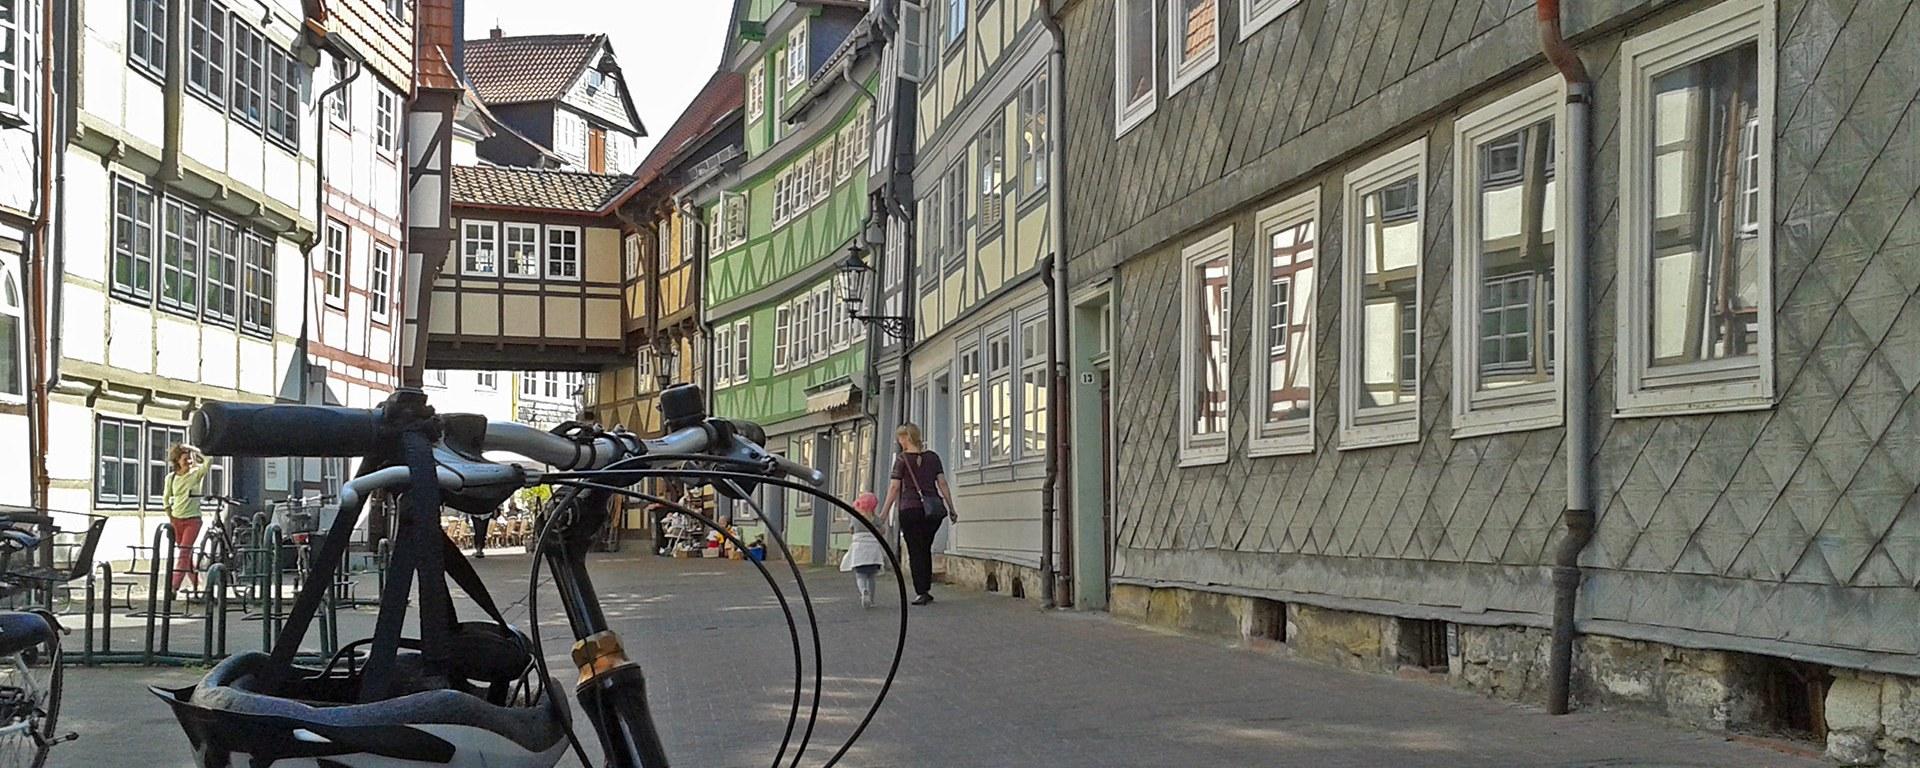 Fahrrad im Kleinen Zimmerhof